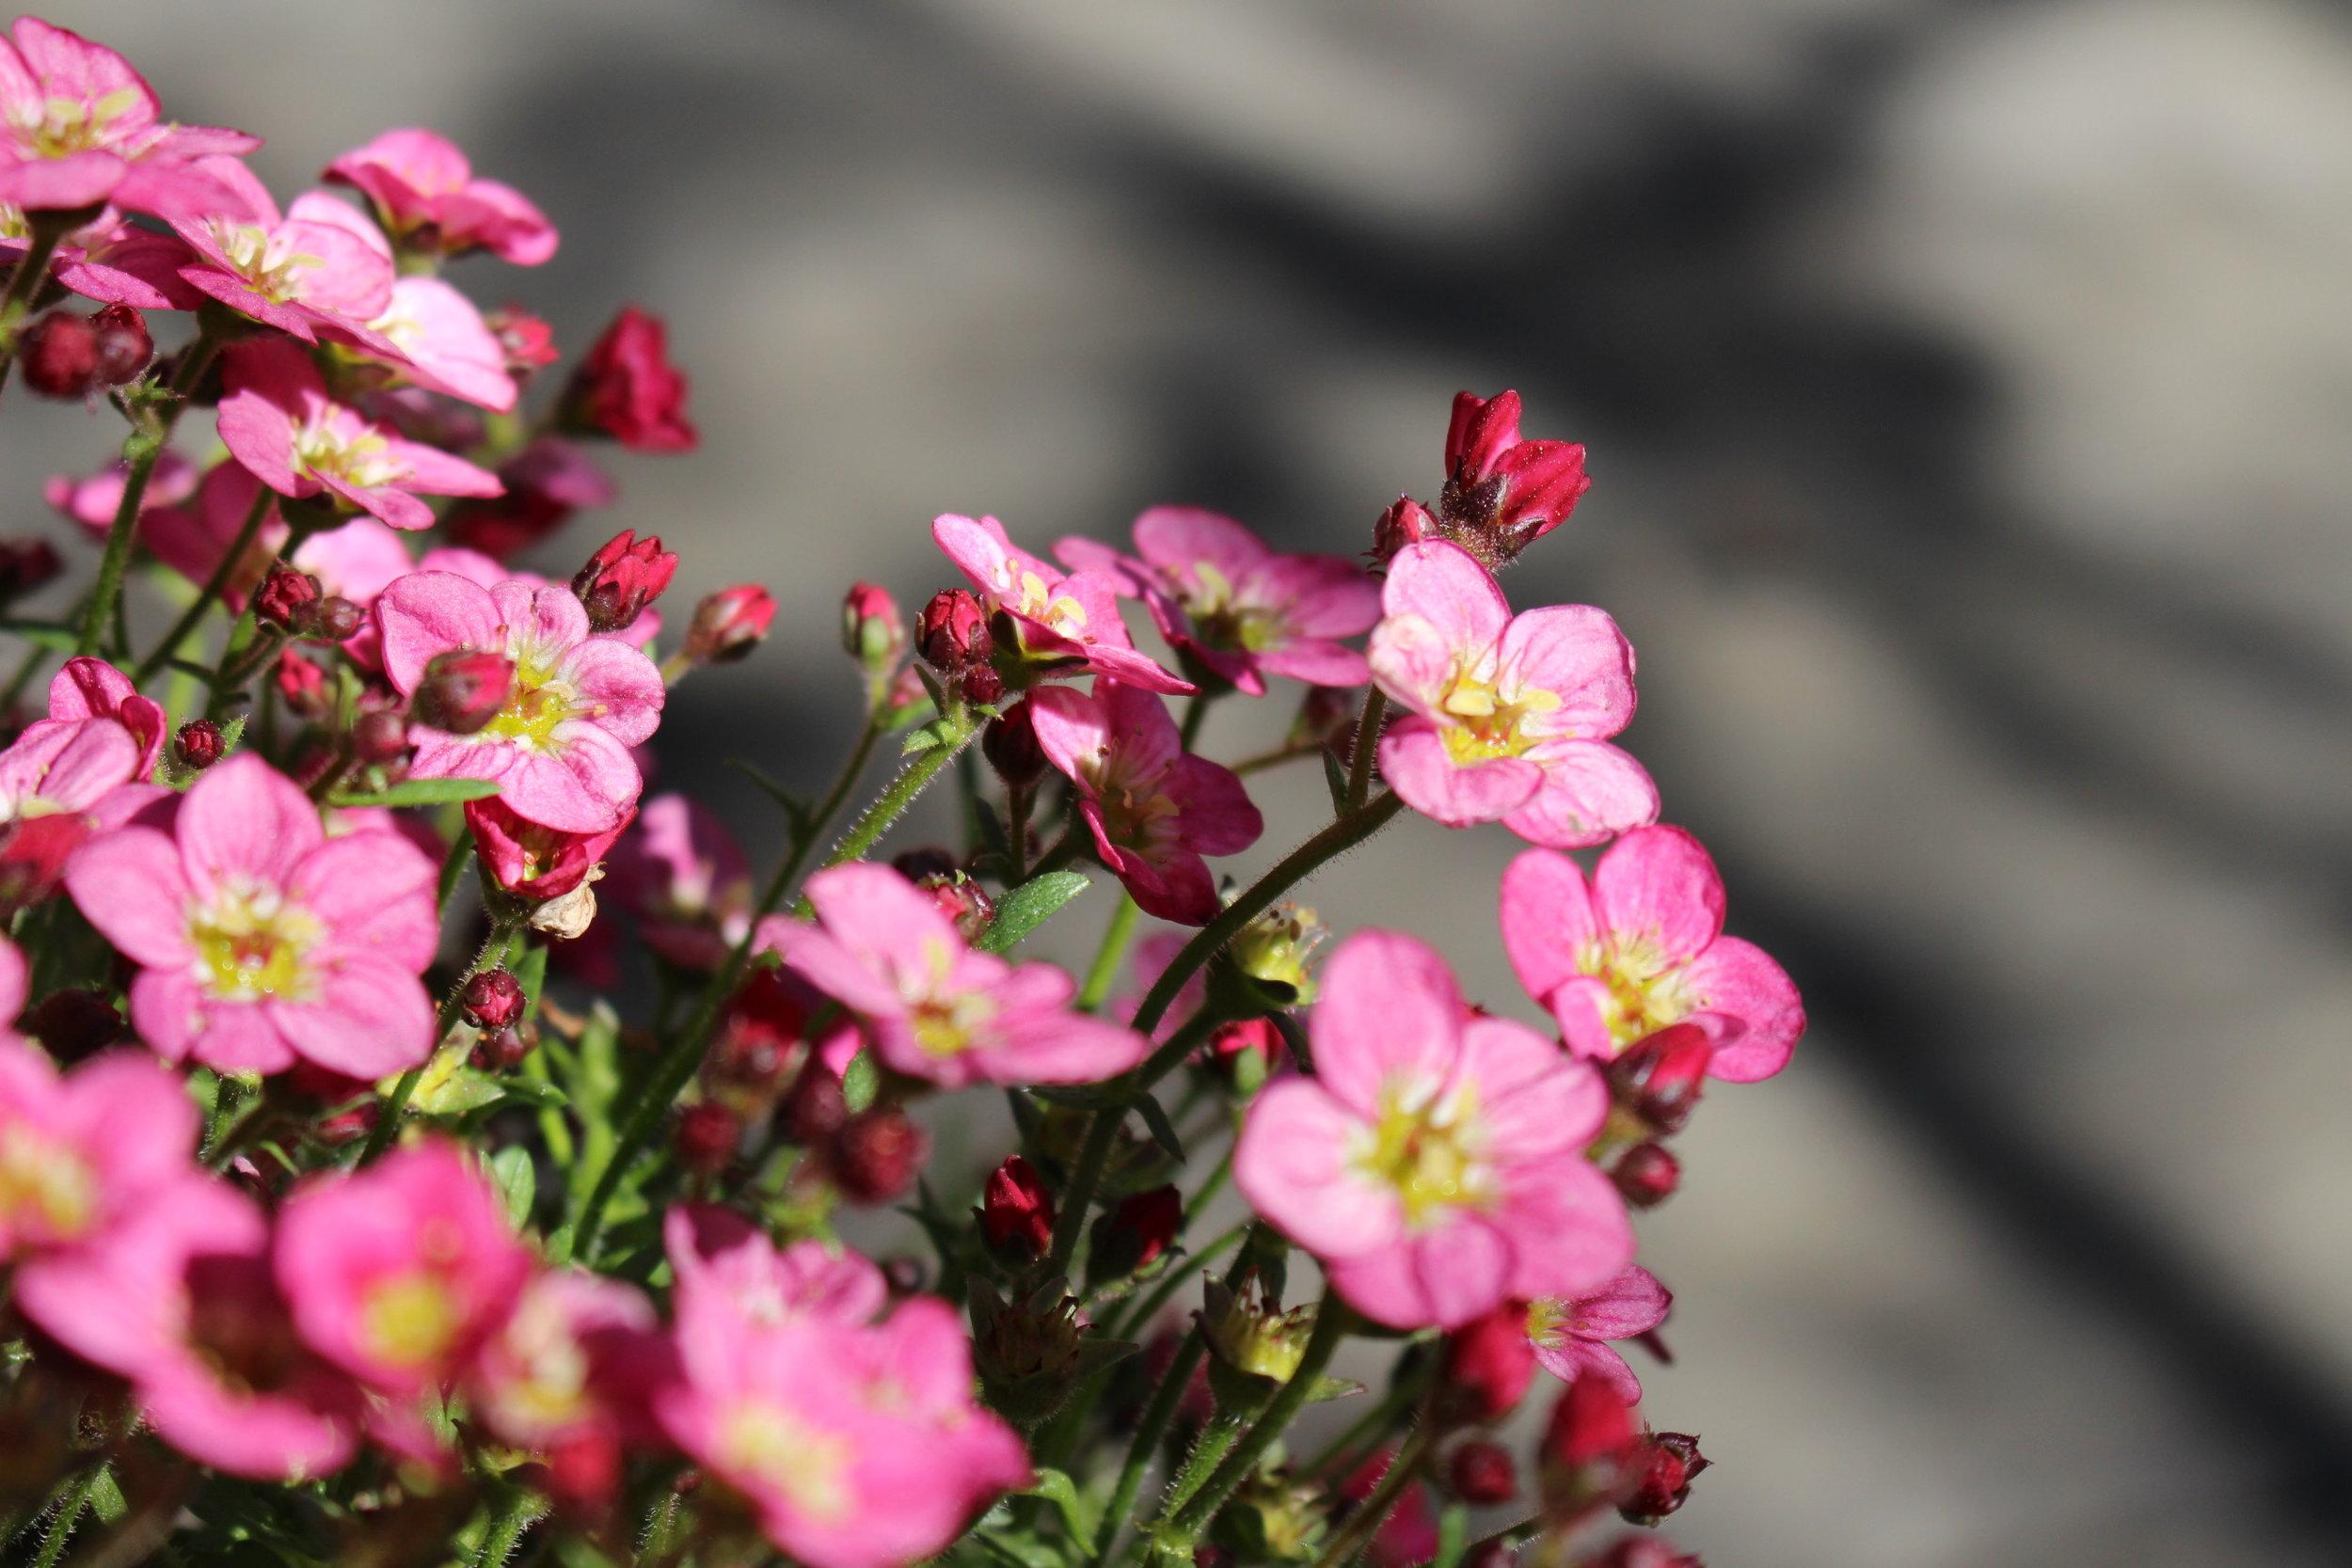 #20 Wax Flower, Chamelaucium